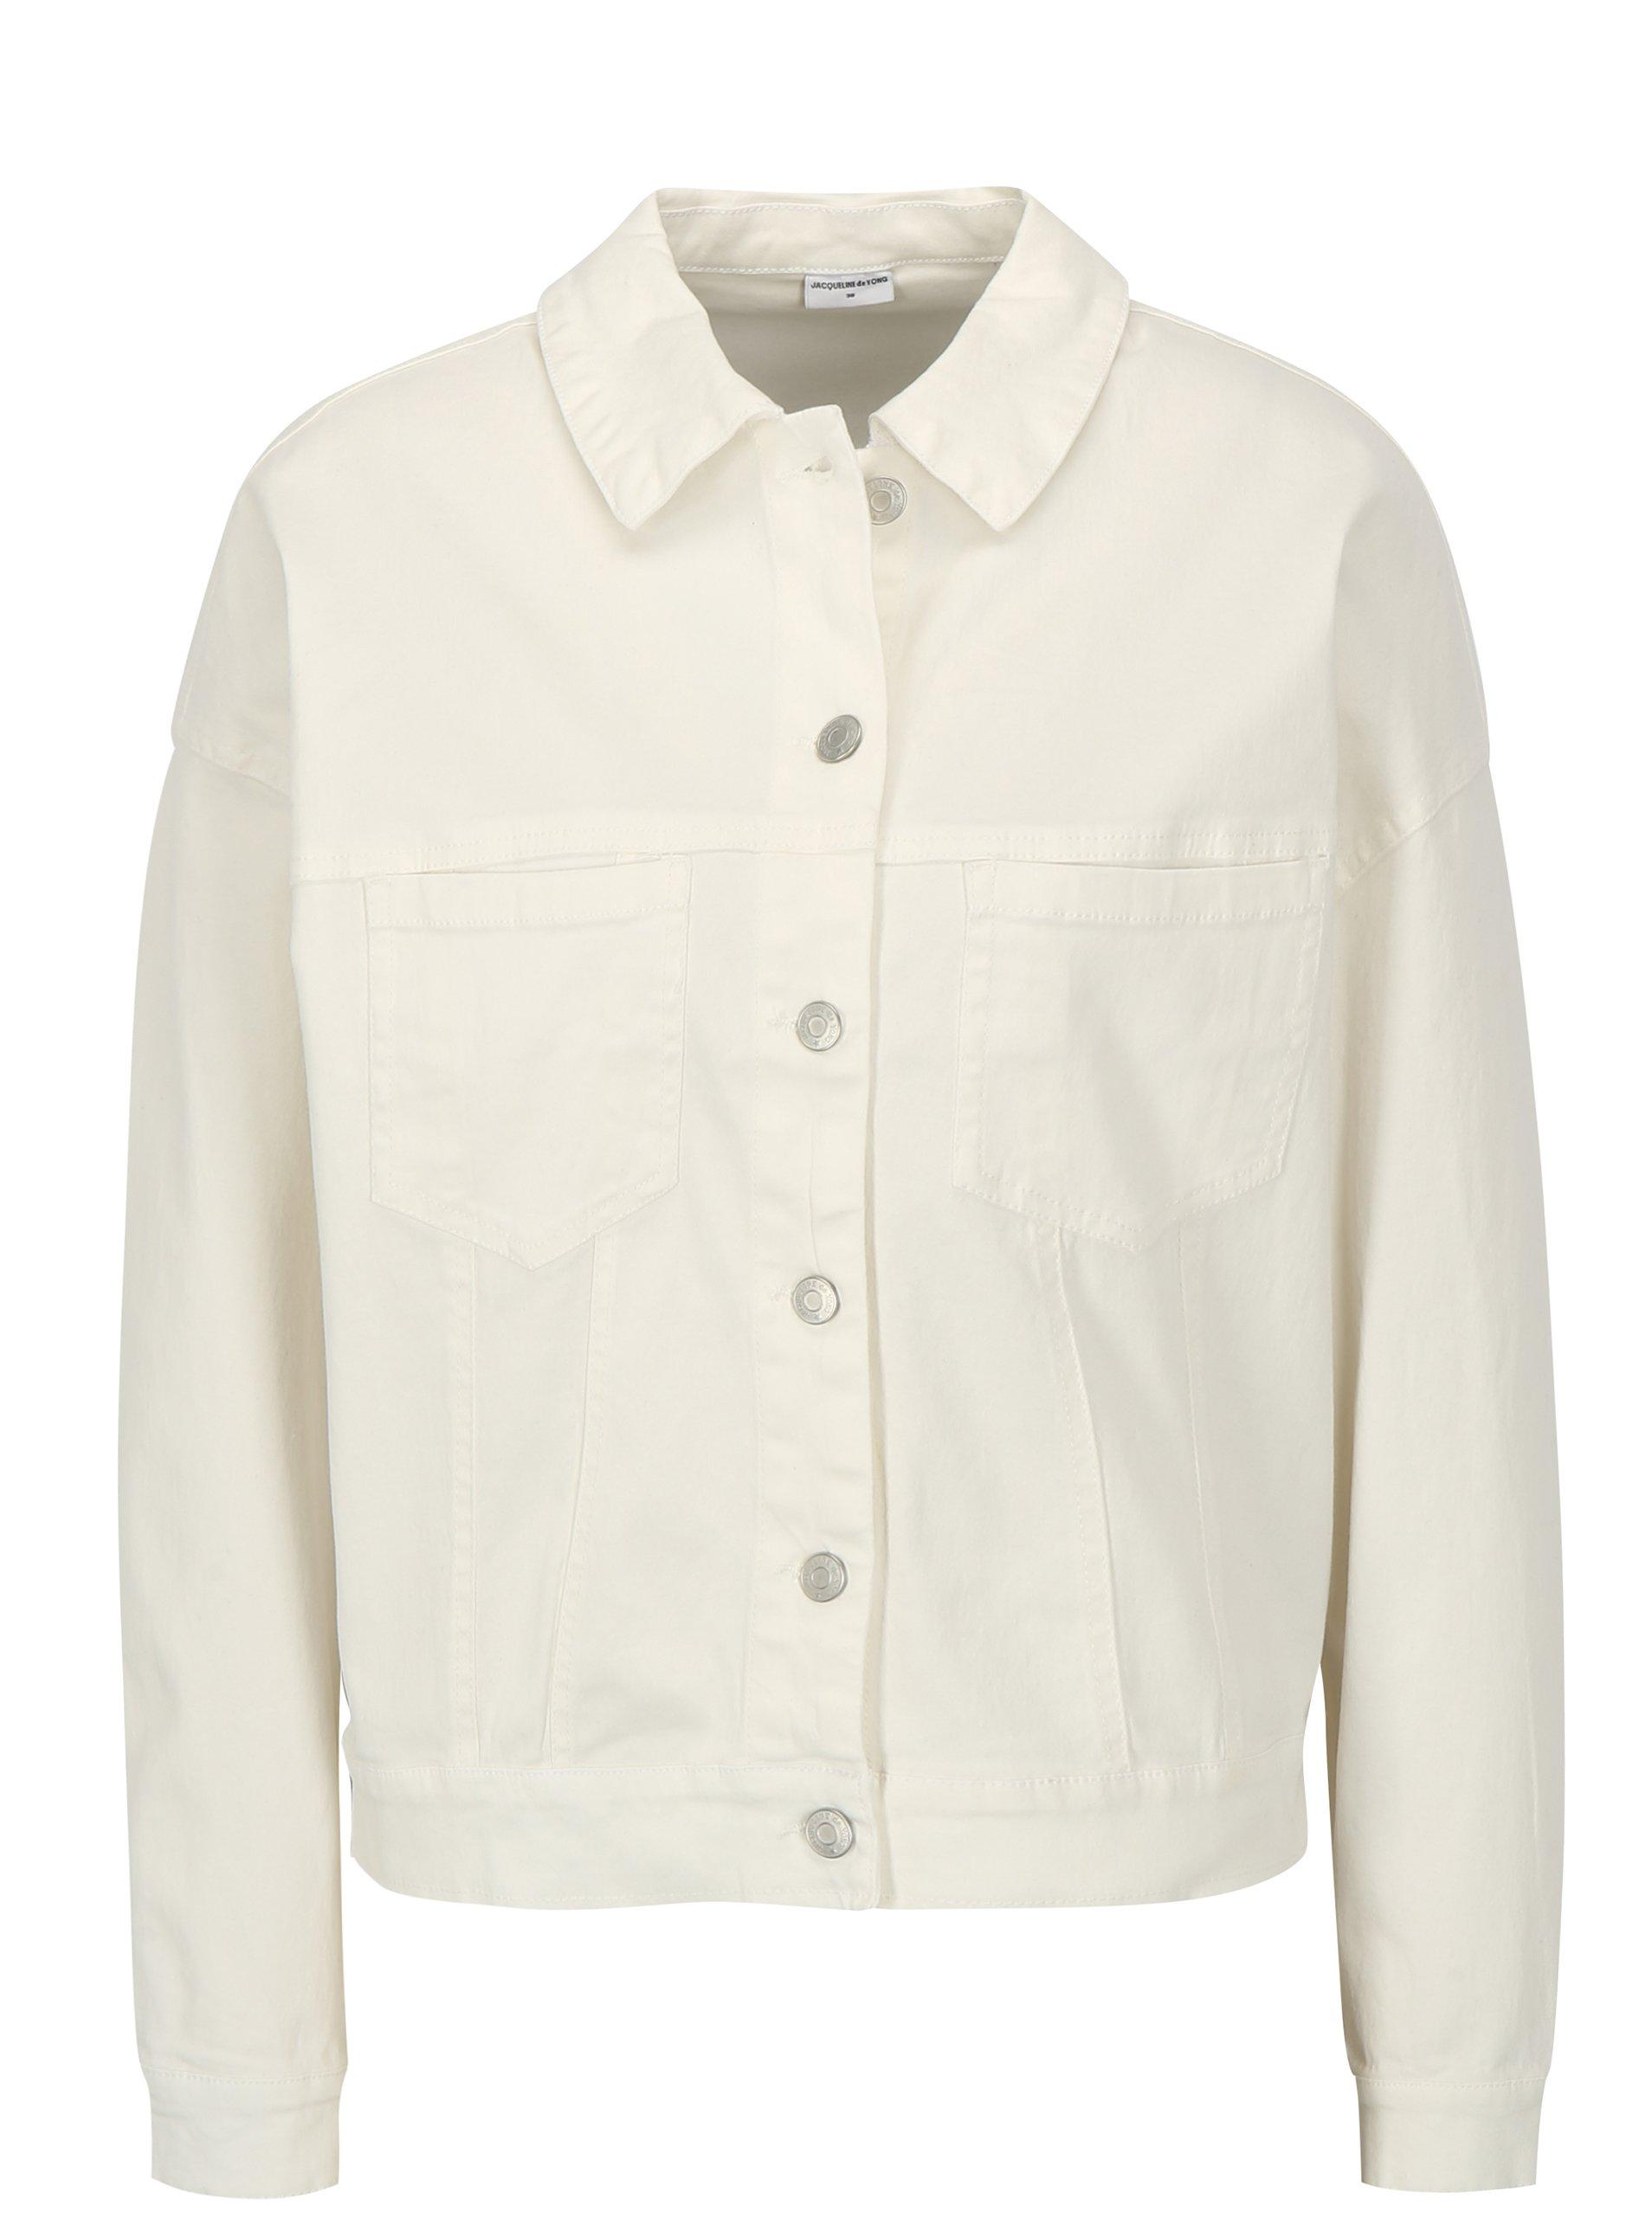 Bílá džínová bunda Jacqueline de Yong Cate Loose